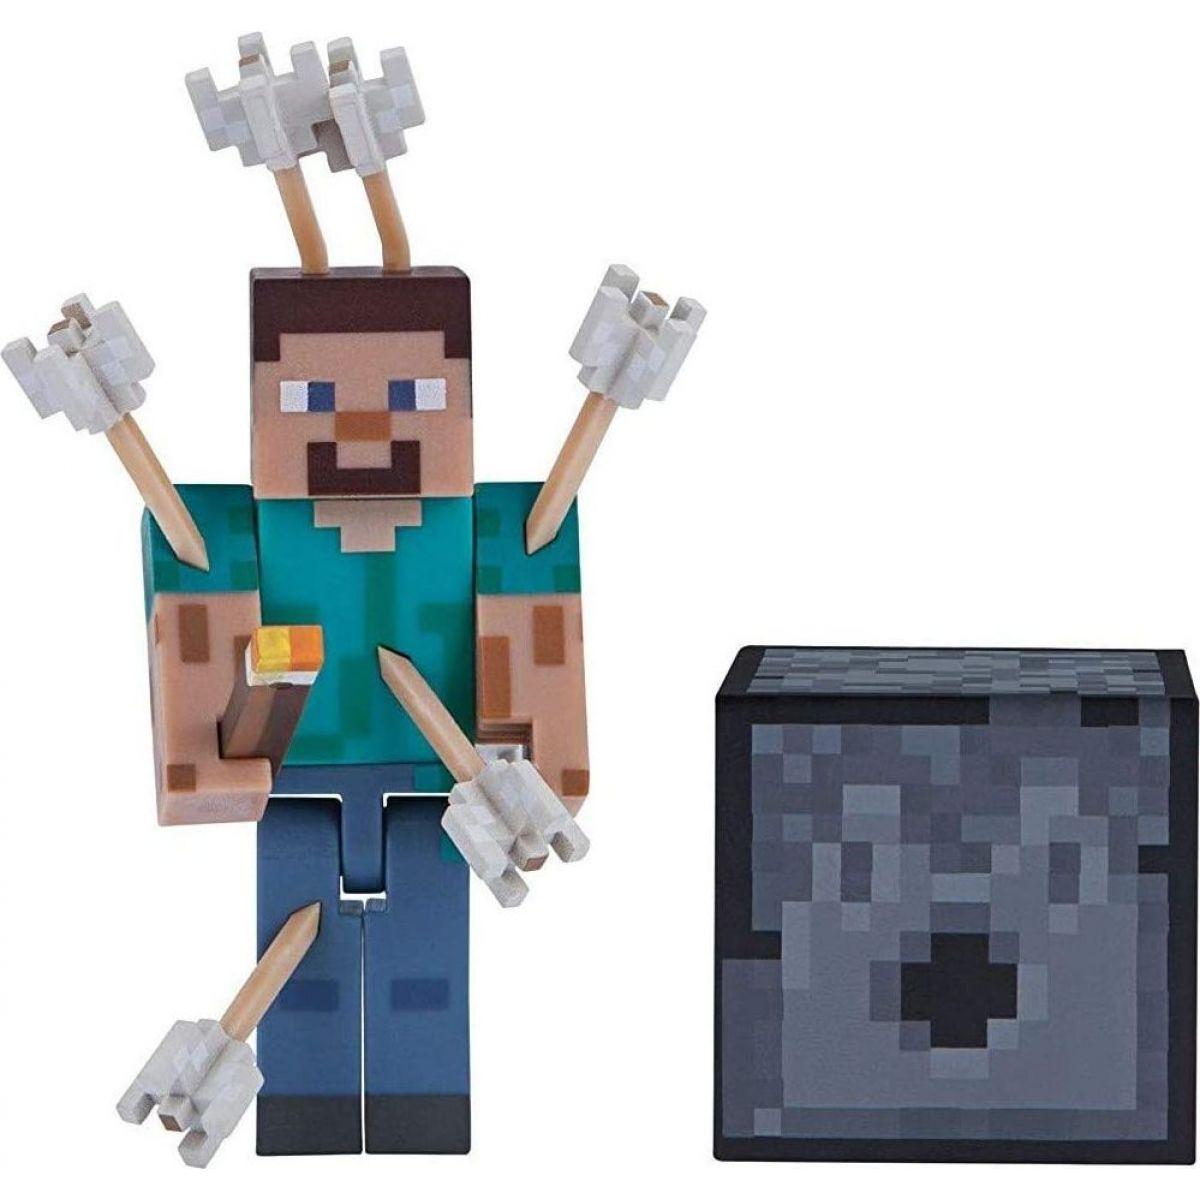 Minecraft figúrka Steve s šípkami